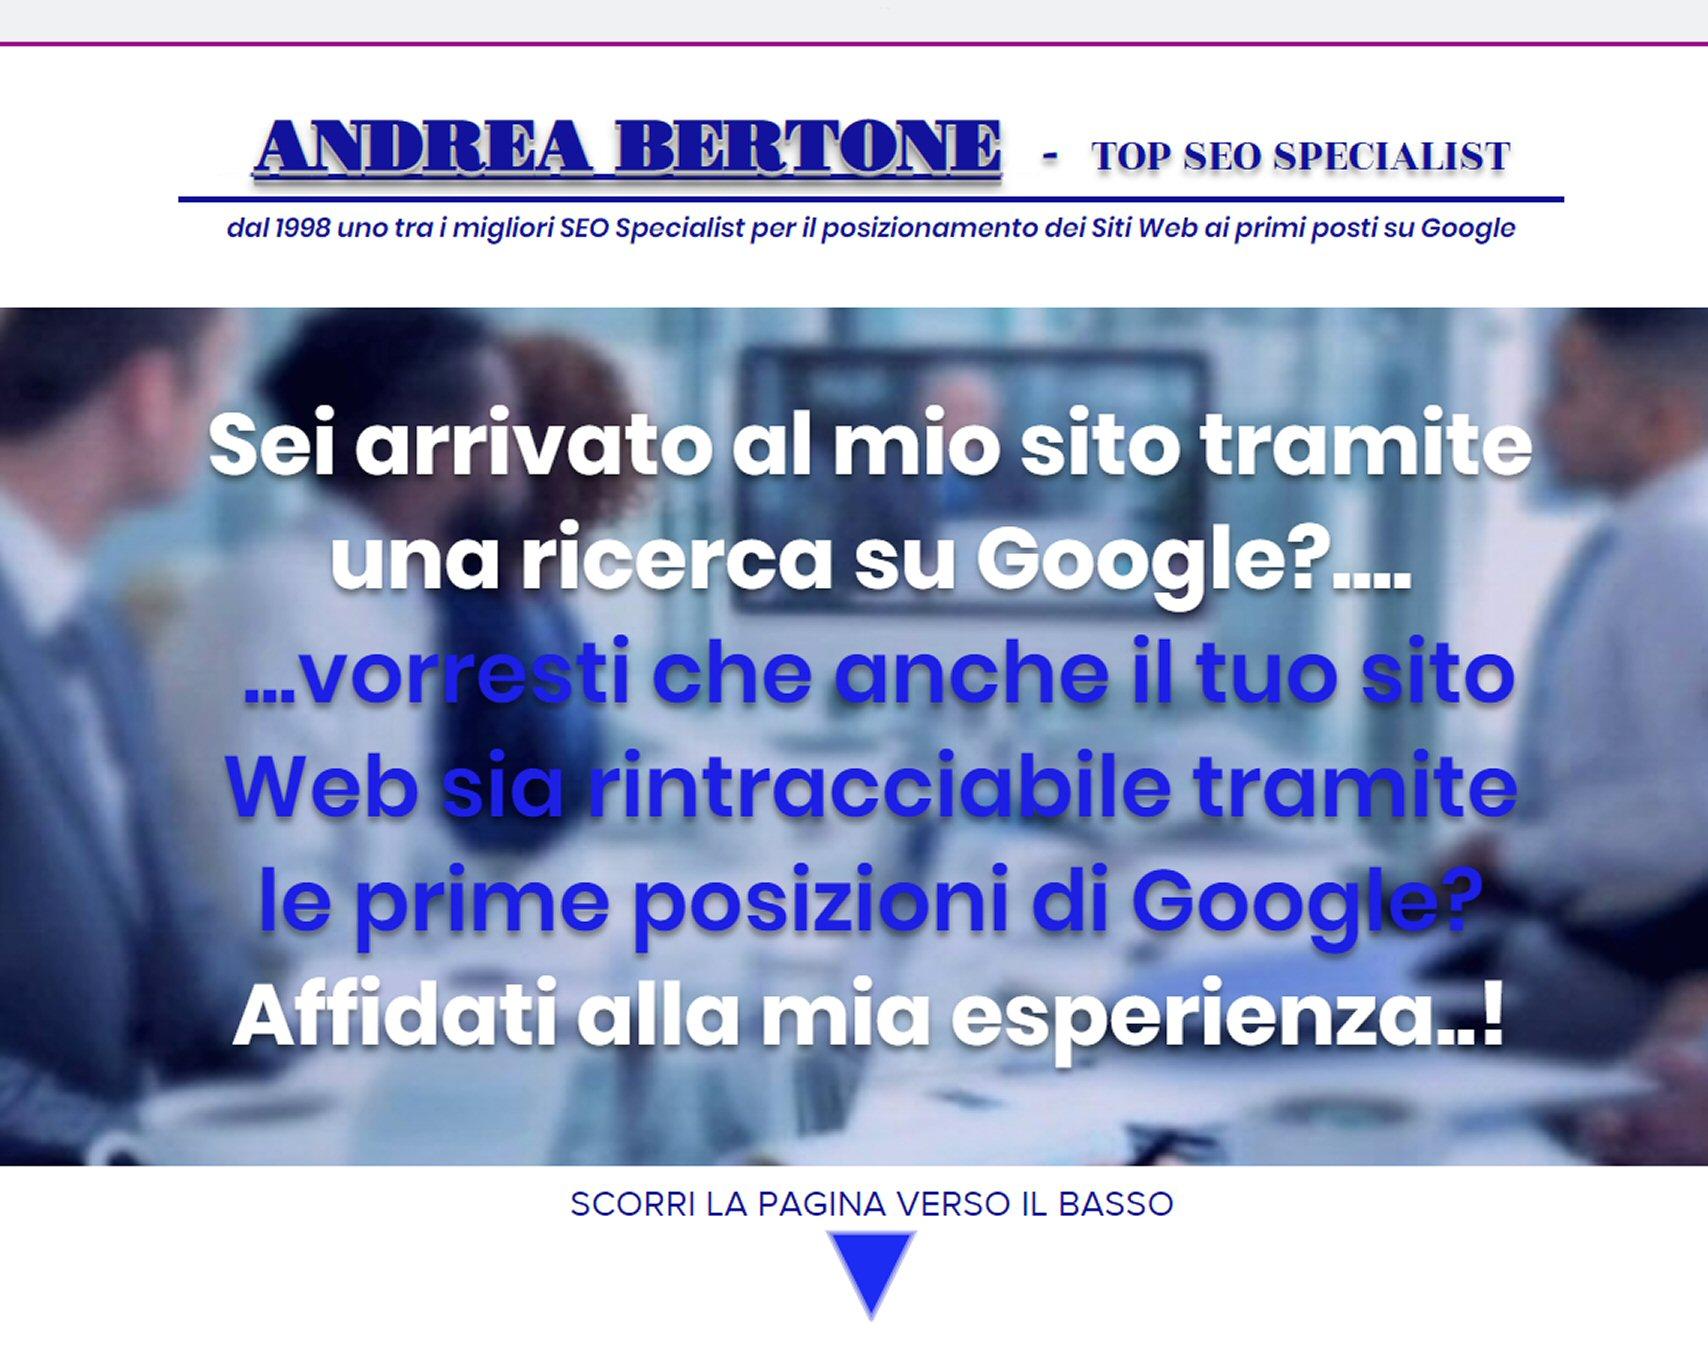 ANDREA BERTONE POSIZIONAMENTO SITI SU GOOGLE